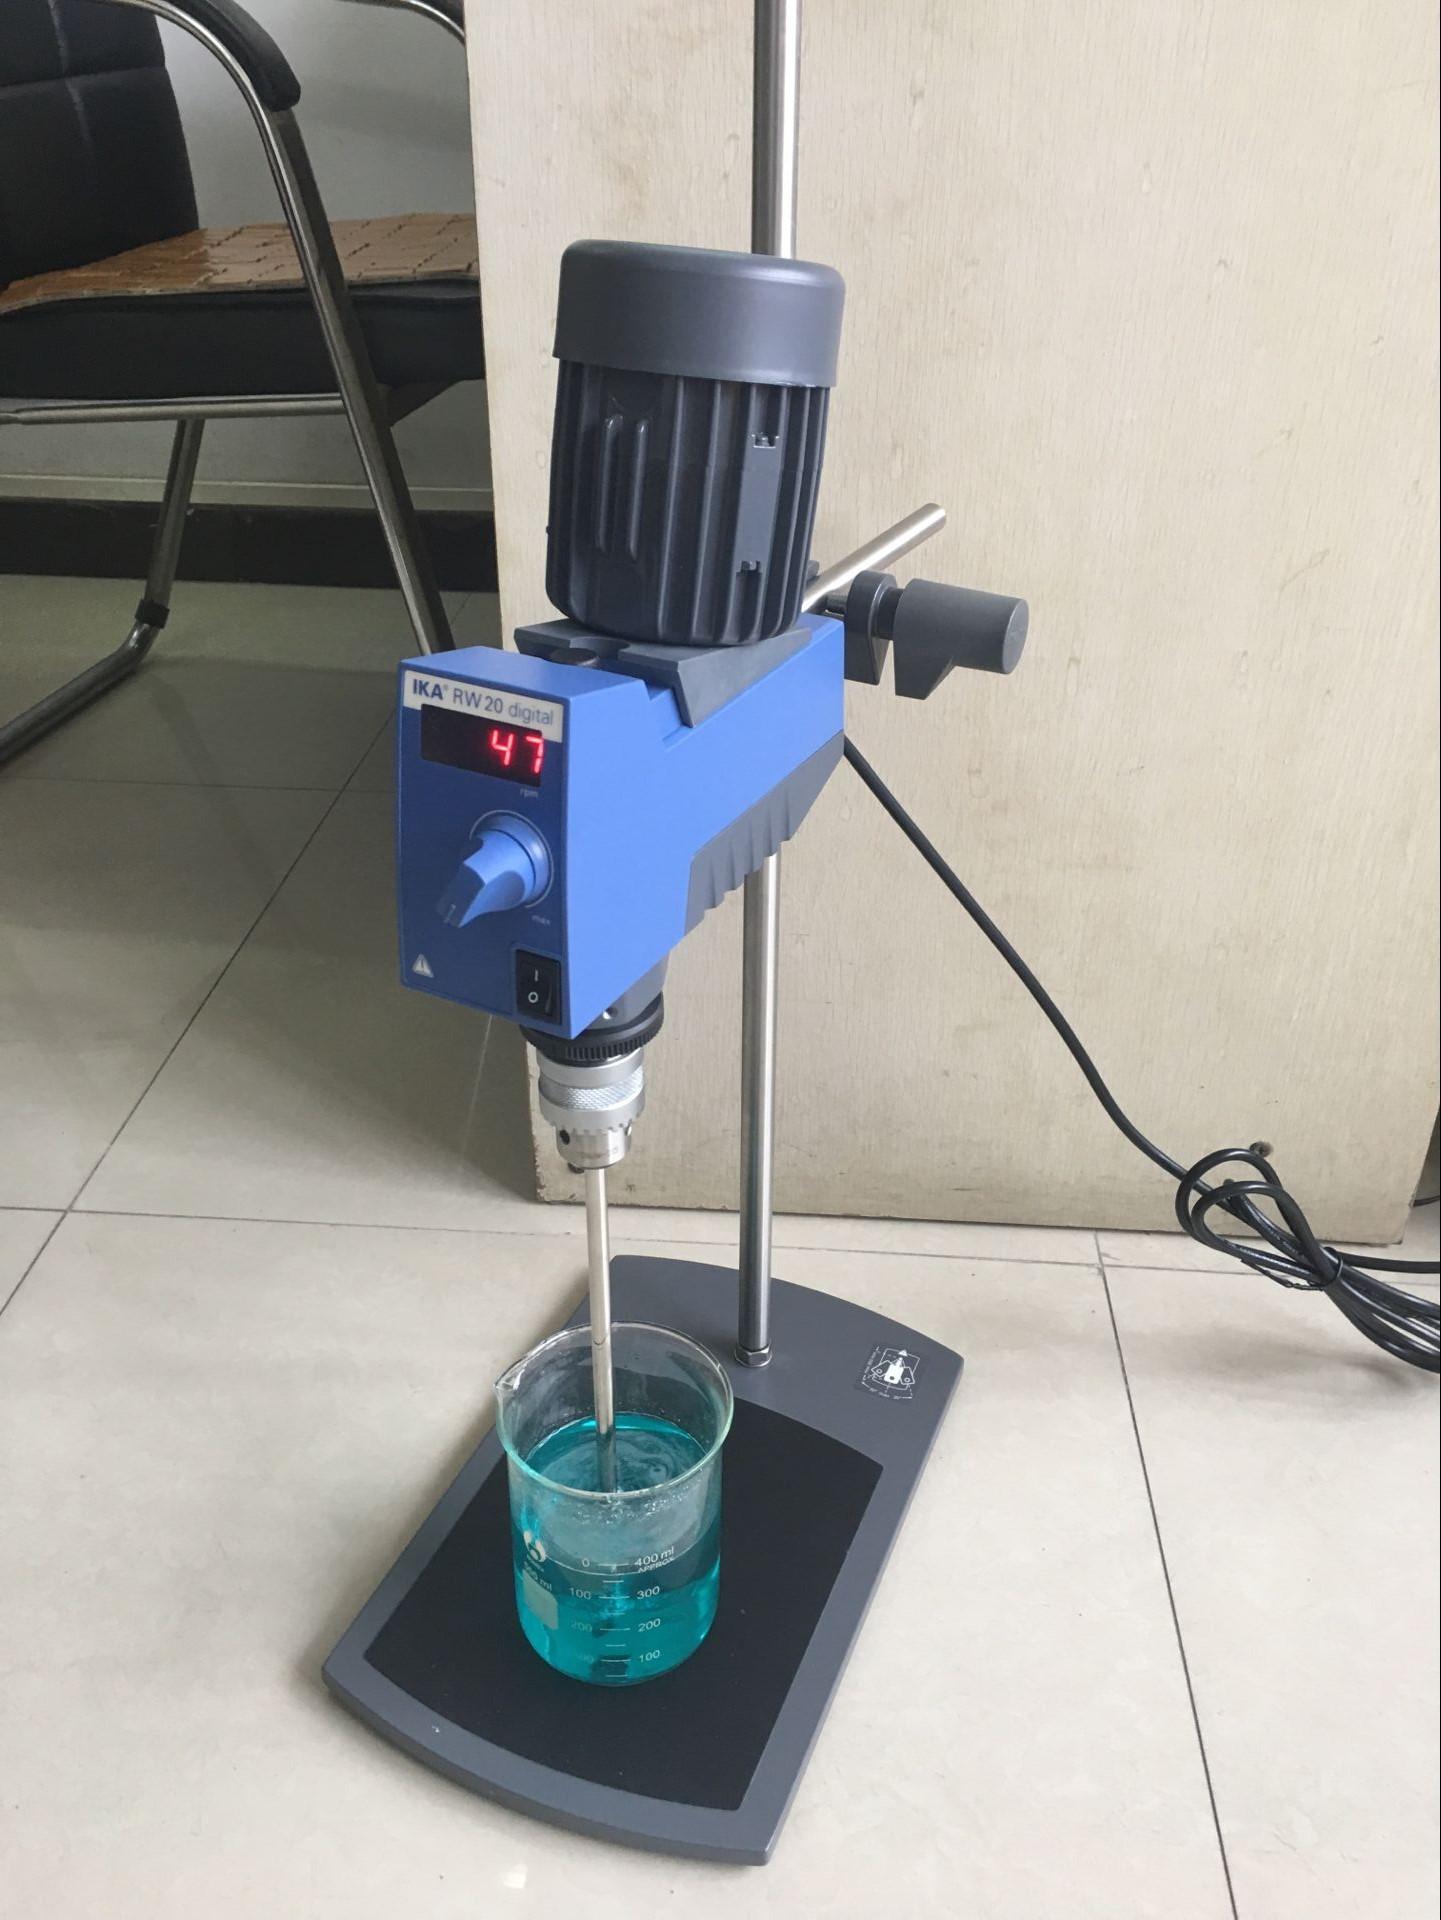 RW20悬臂式电动搅拌机IKA搅拌器